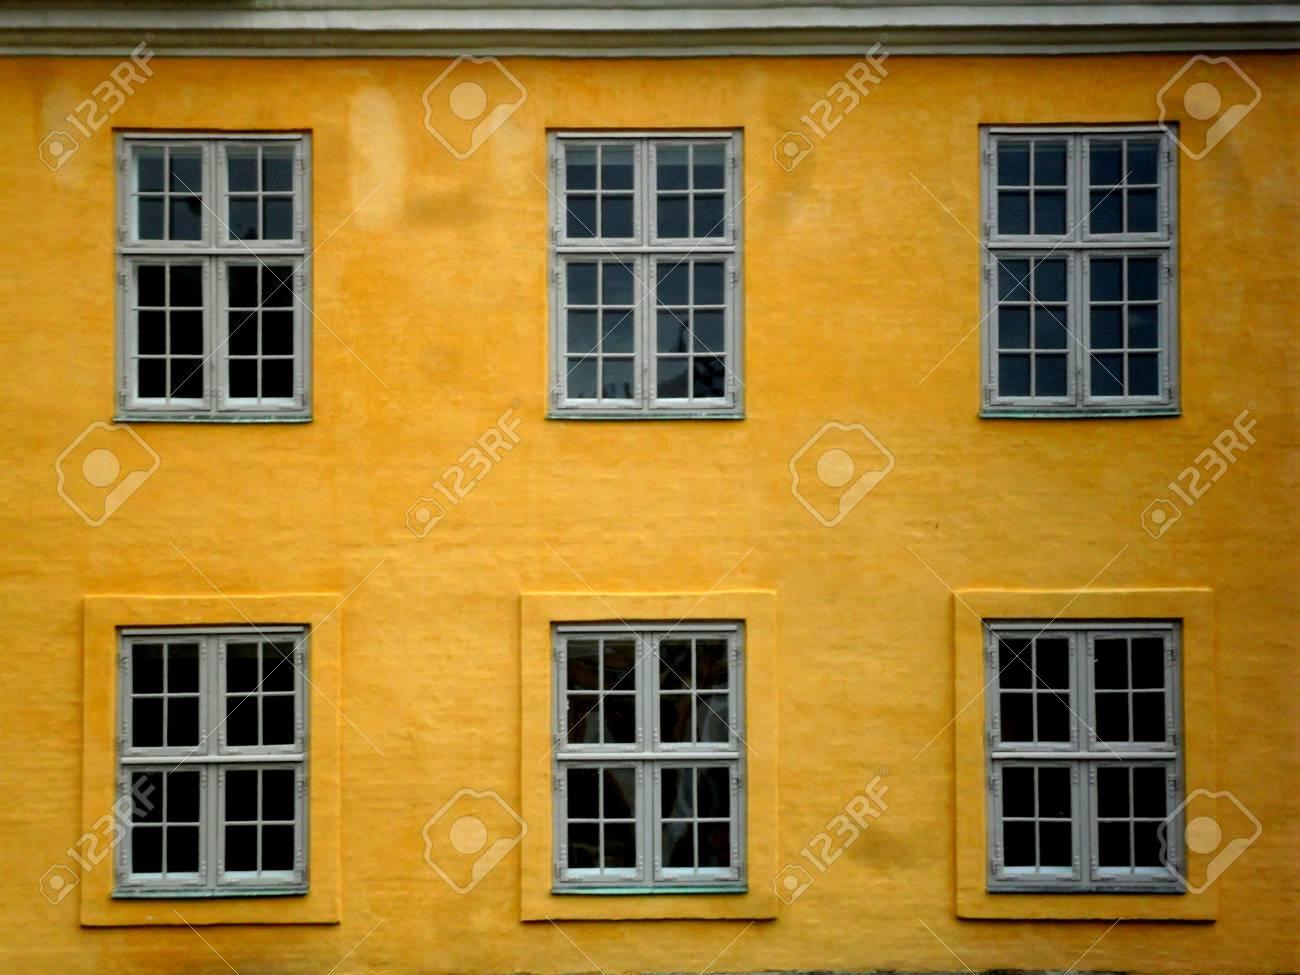 Maison Jaune Et Grise Avec Des Fenêtres Rectangulaires à Copenhague Danemark